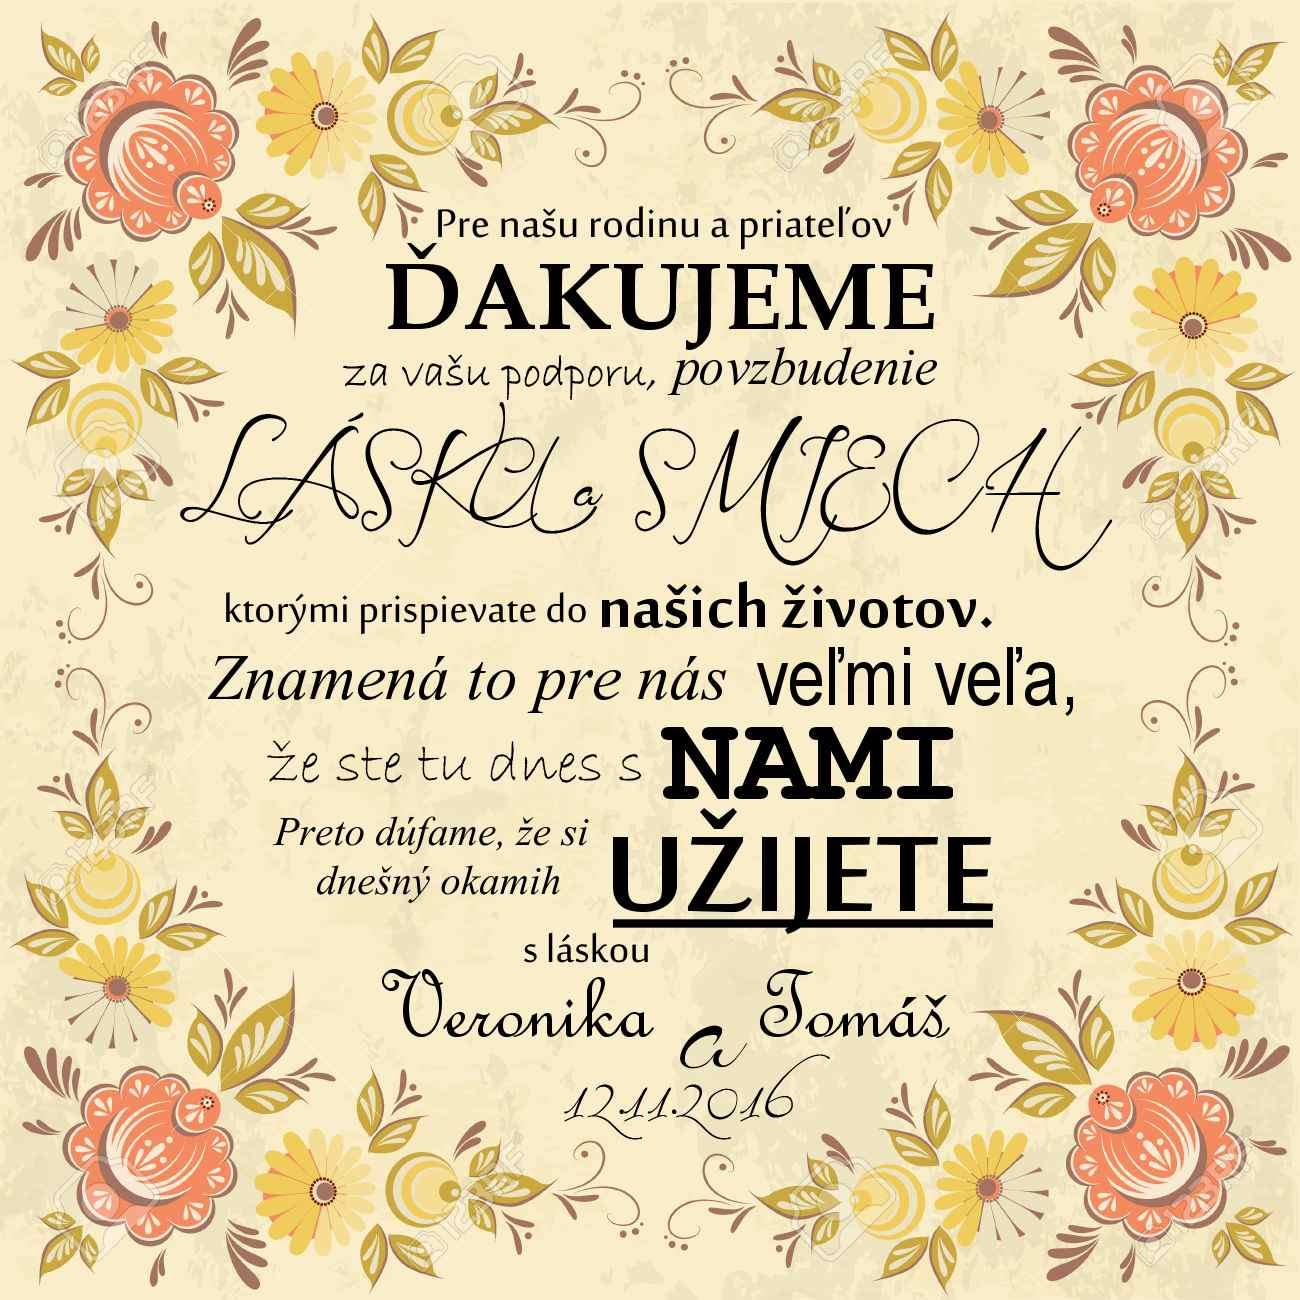 ♥ A je to tu..♥ už sa nám to kráti ♥ začali sa prípravy/ vybavovanie ♥ - Môj návrh na poďakovanie svadobčanom :-) vytlačiť a pekne dať každému na stôl :-)